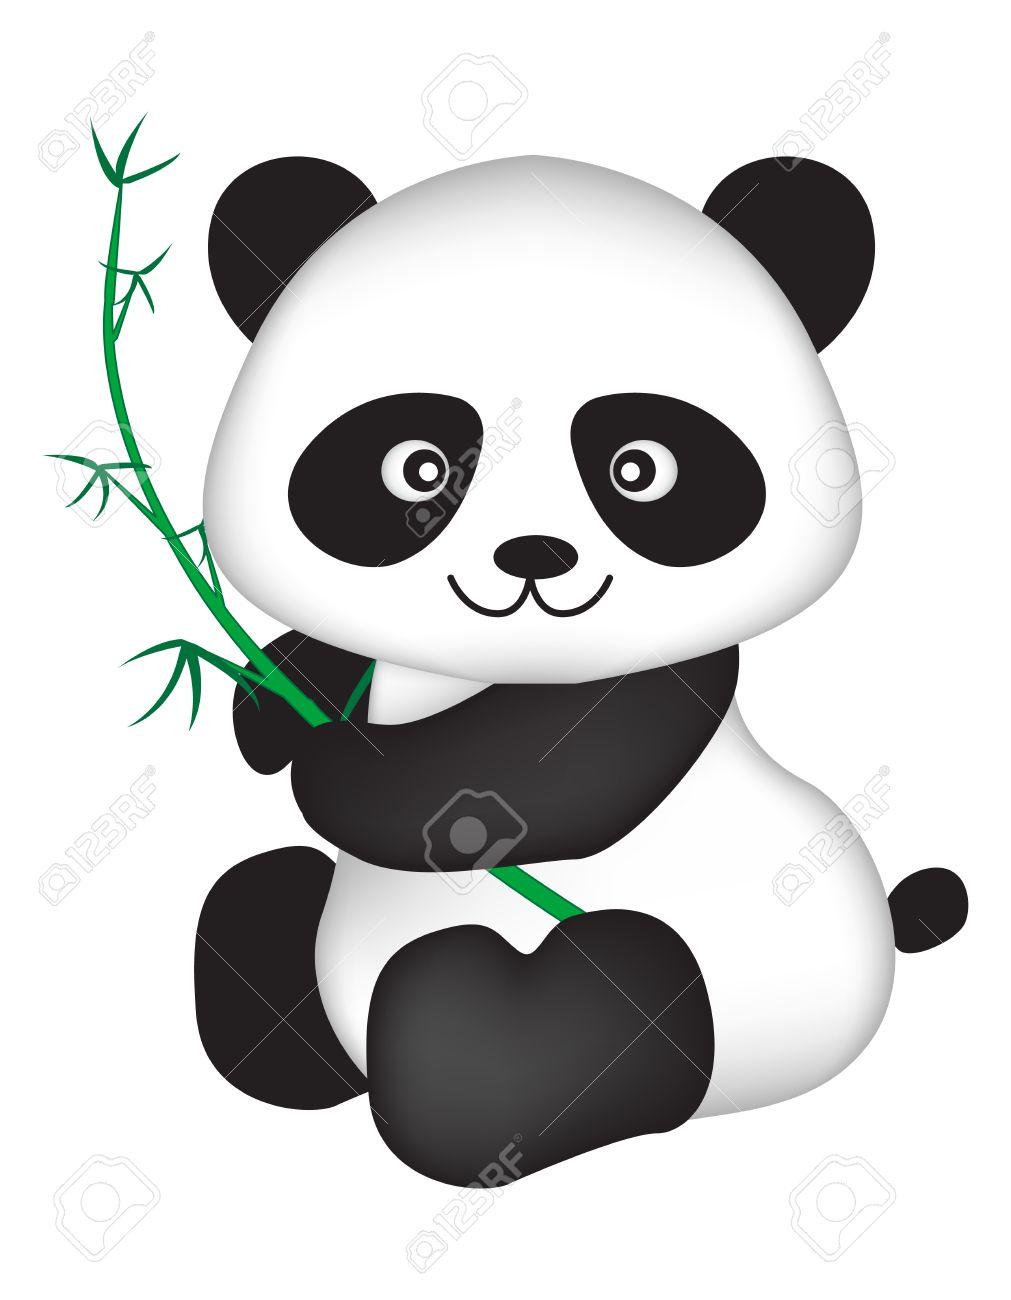 Mignon Ours Panda Chinois Illustration En Noir Et Blanc Isolé Sur Fond Blanc